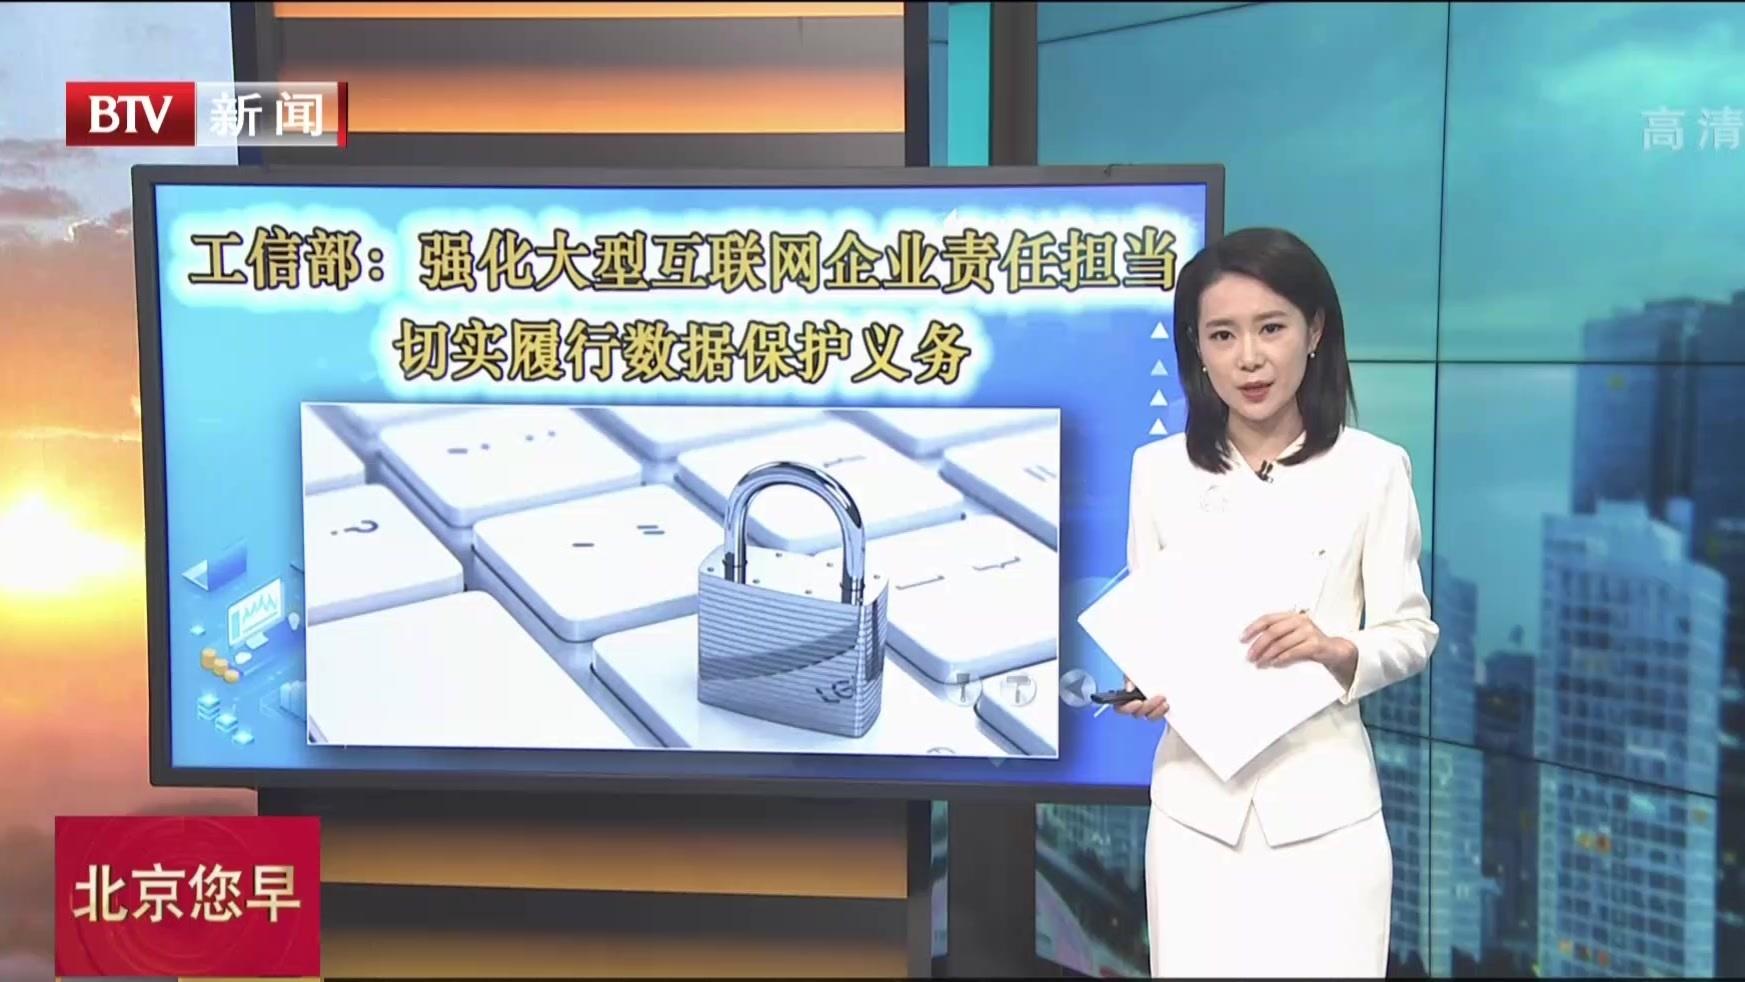 工信部:强化大型互联网企业责任担当  切实履行数据保护义务